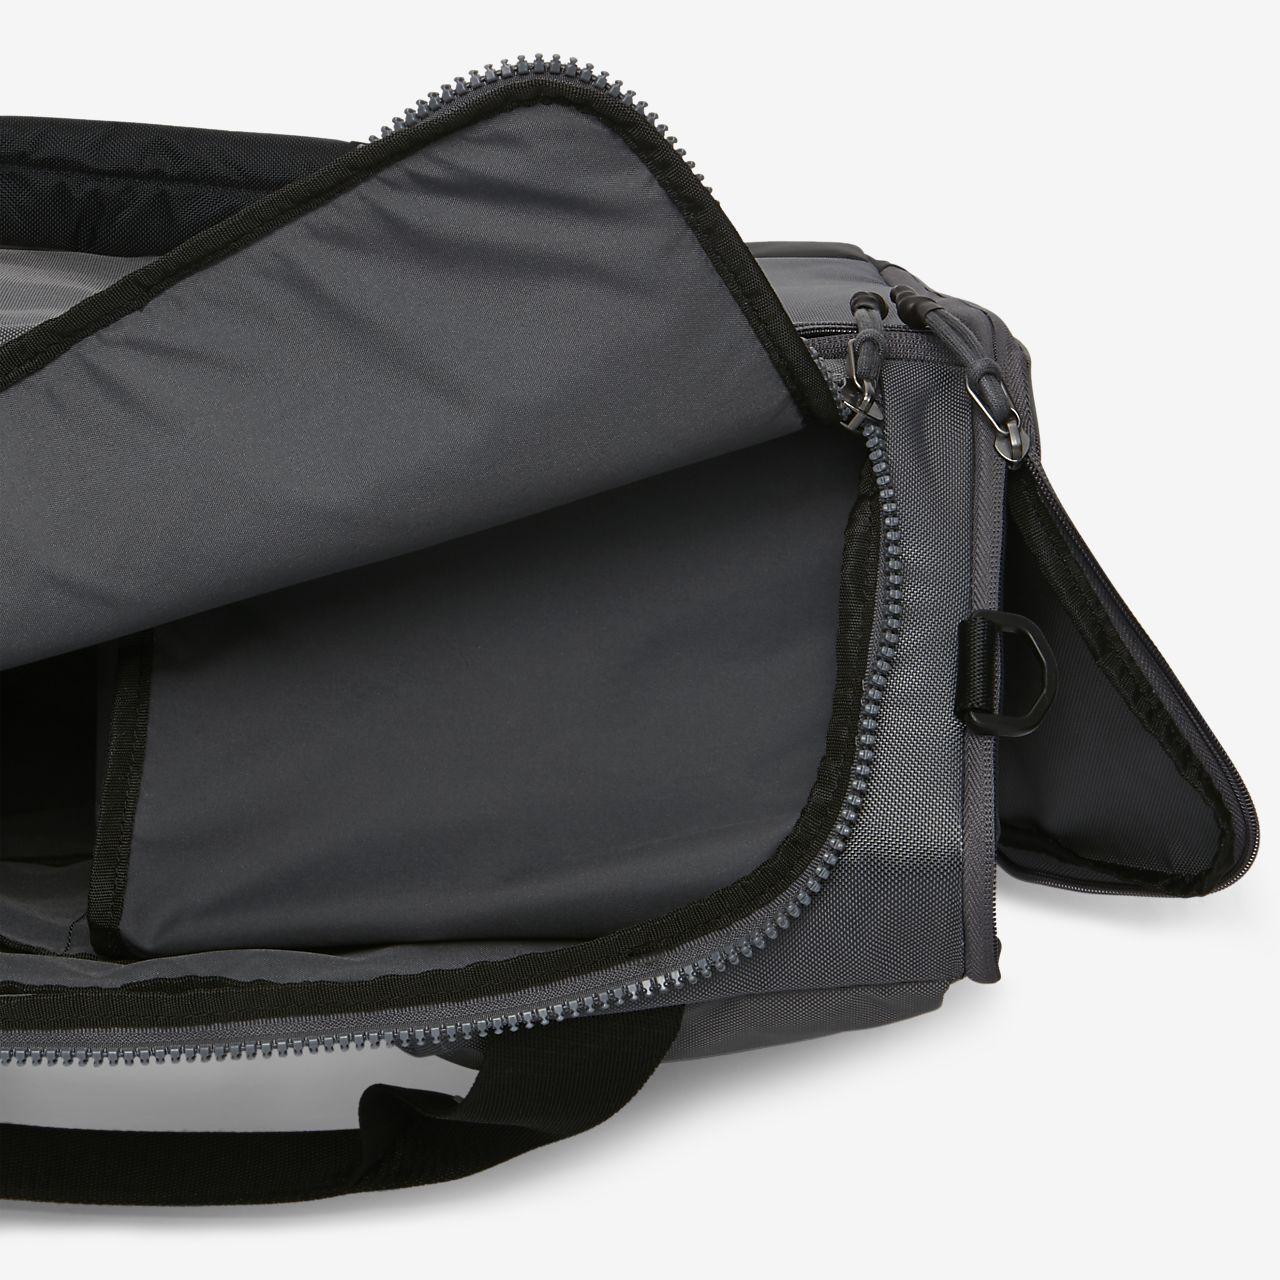 51cb8e58f7b05 Nike Sporttasche VAPOR POWER DUFFEL Small schwarz Kleidung   Accessoires